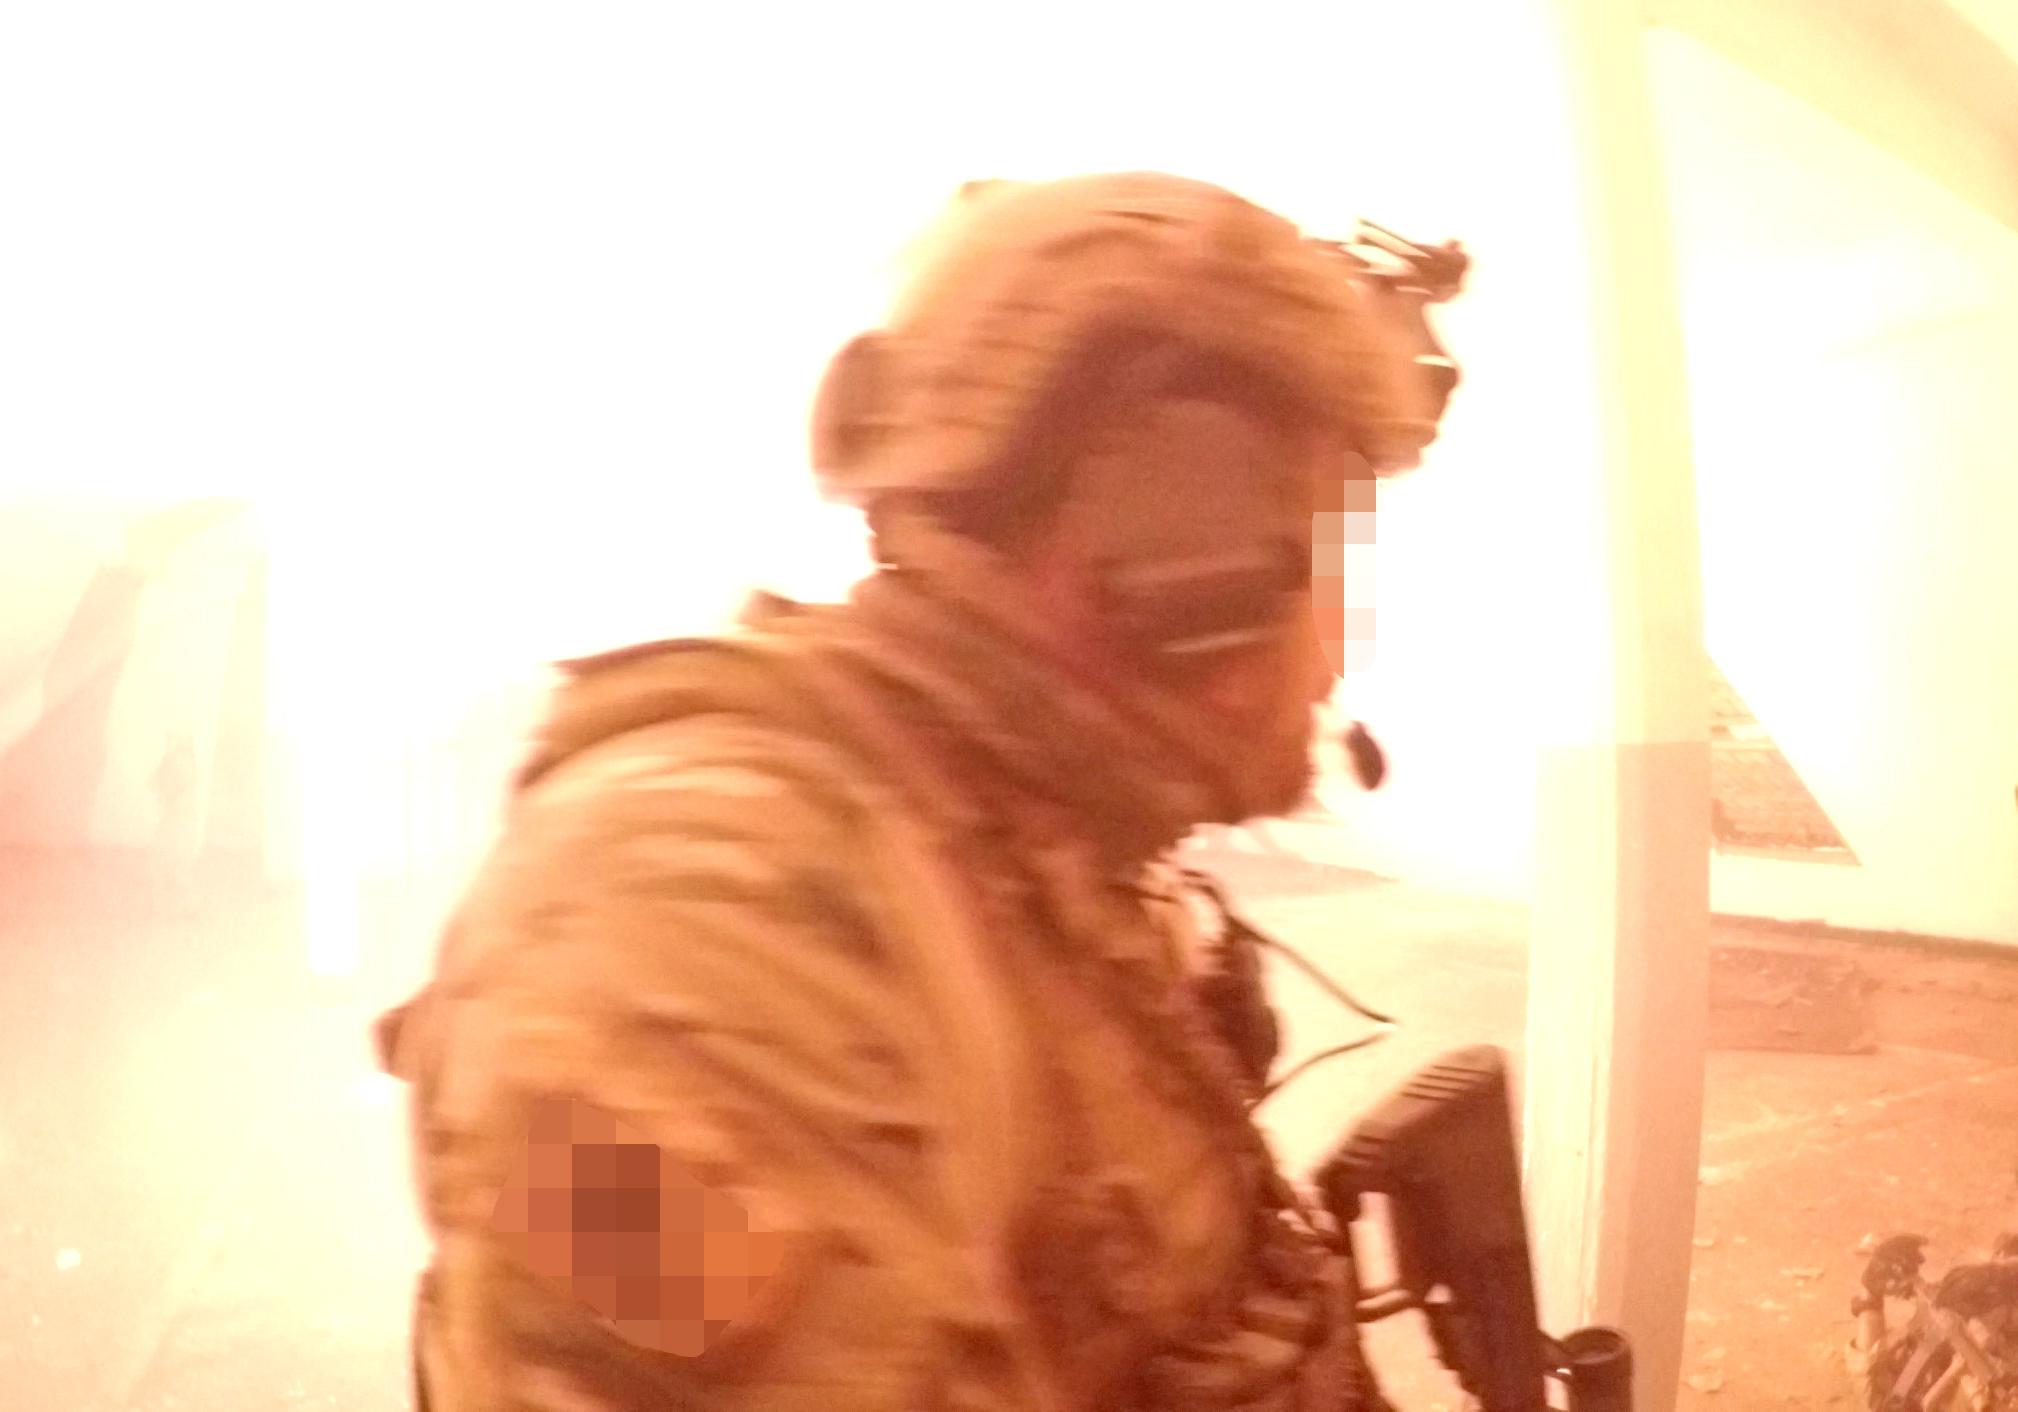 HEXPRO, HEXPRO GmbH, Martin Goeres, ultra realistisches training, Behörden Training, Taktisches training, Polizei training, militär übung